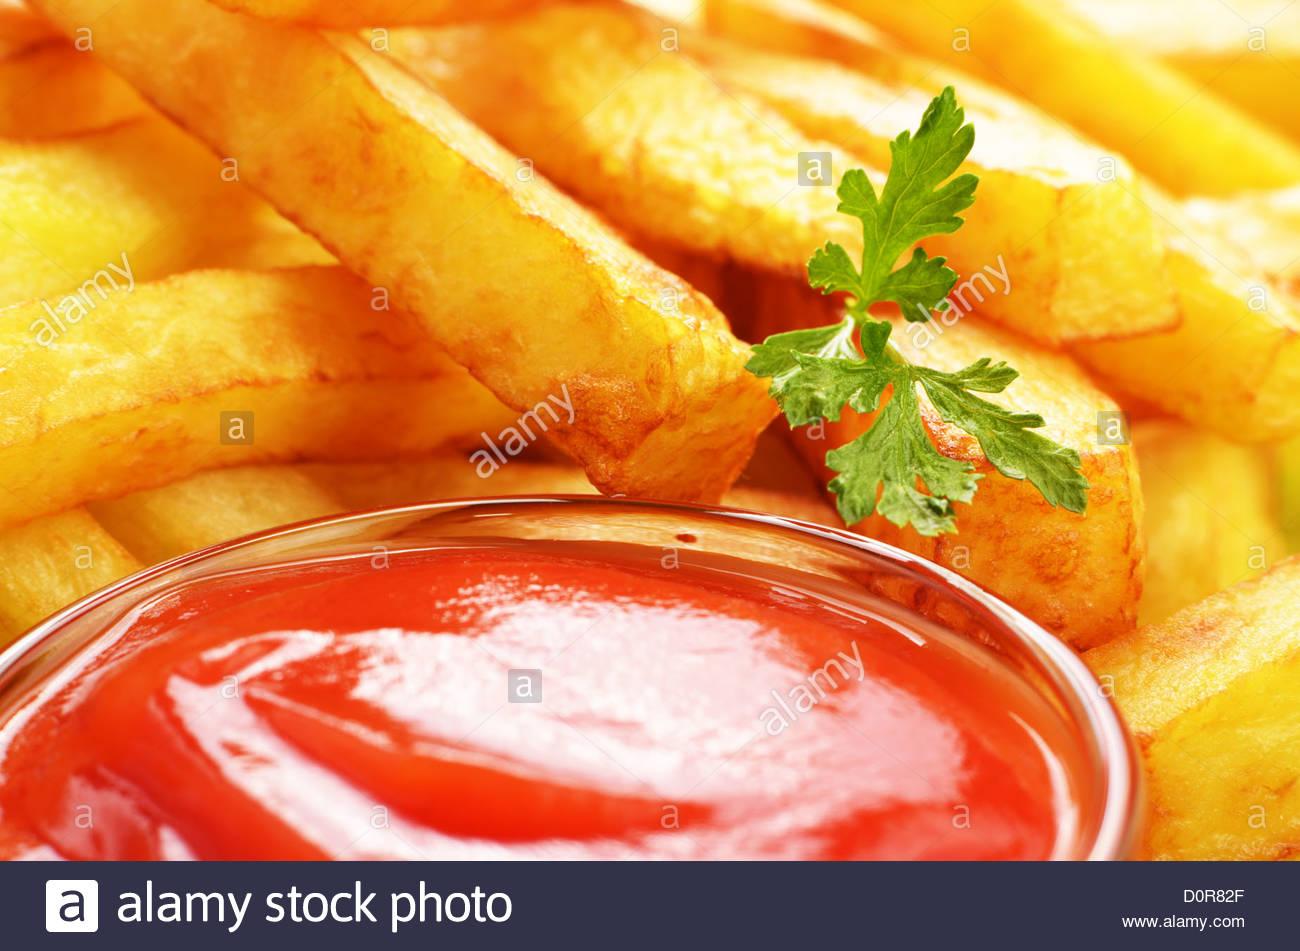 Pommes frites Stockbild